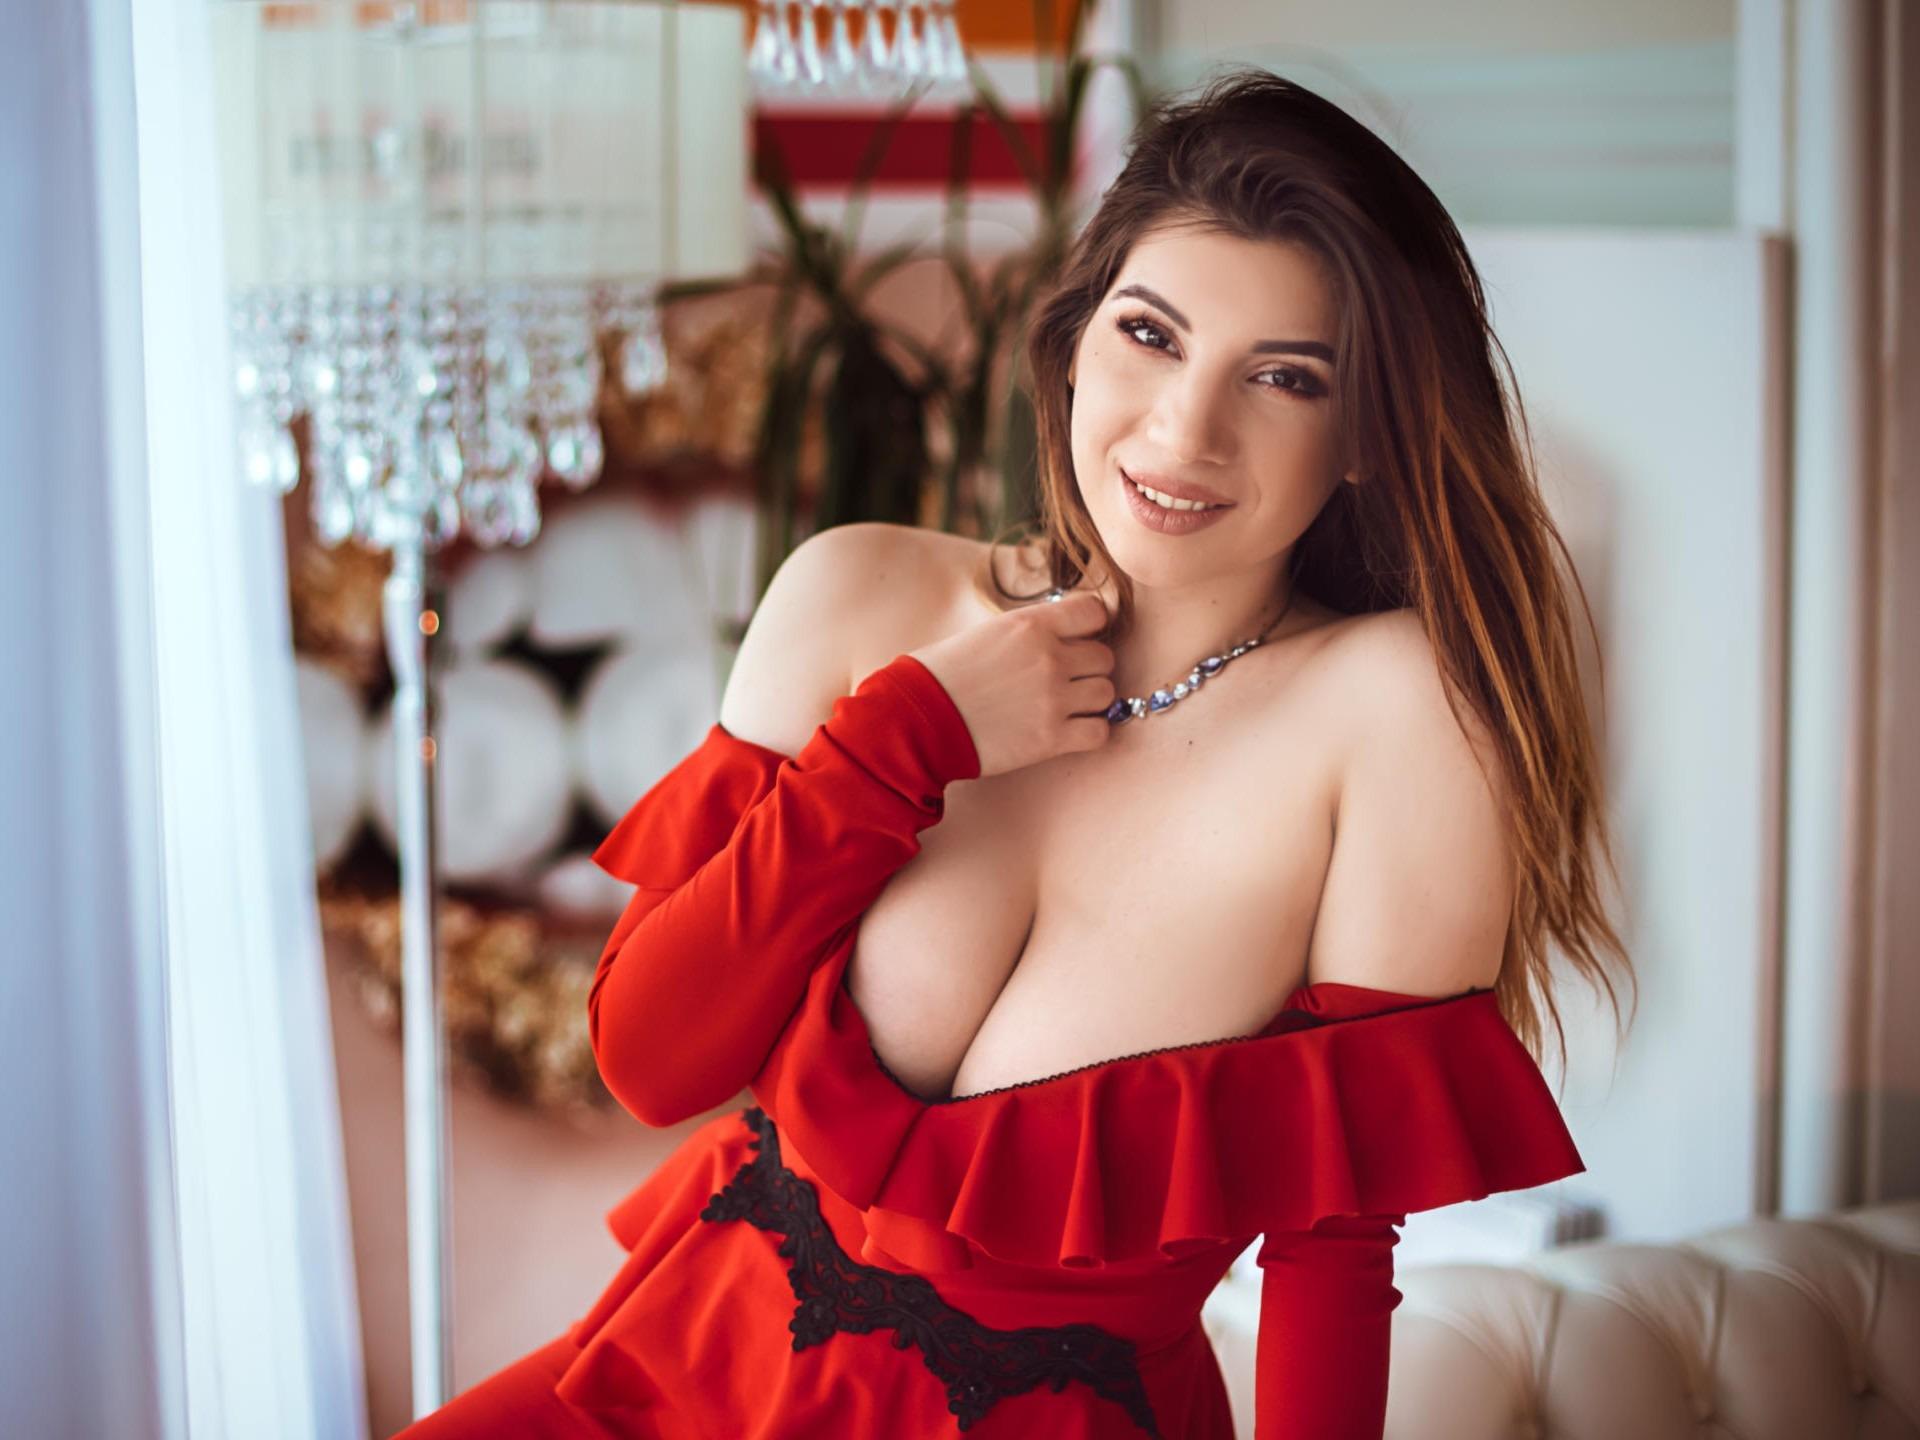 Des big boobs qu'elle adore bouffer !